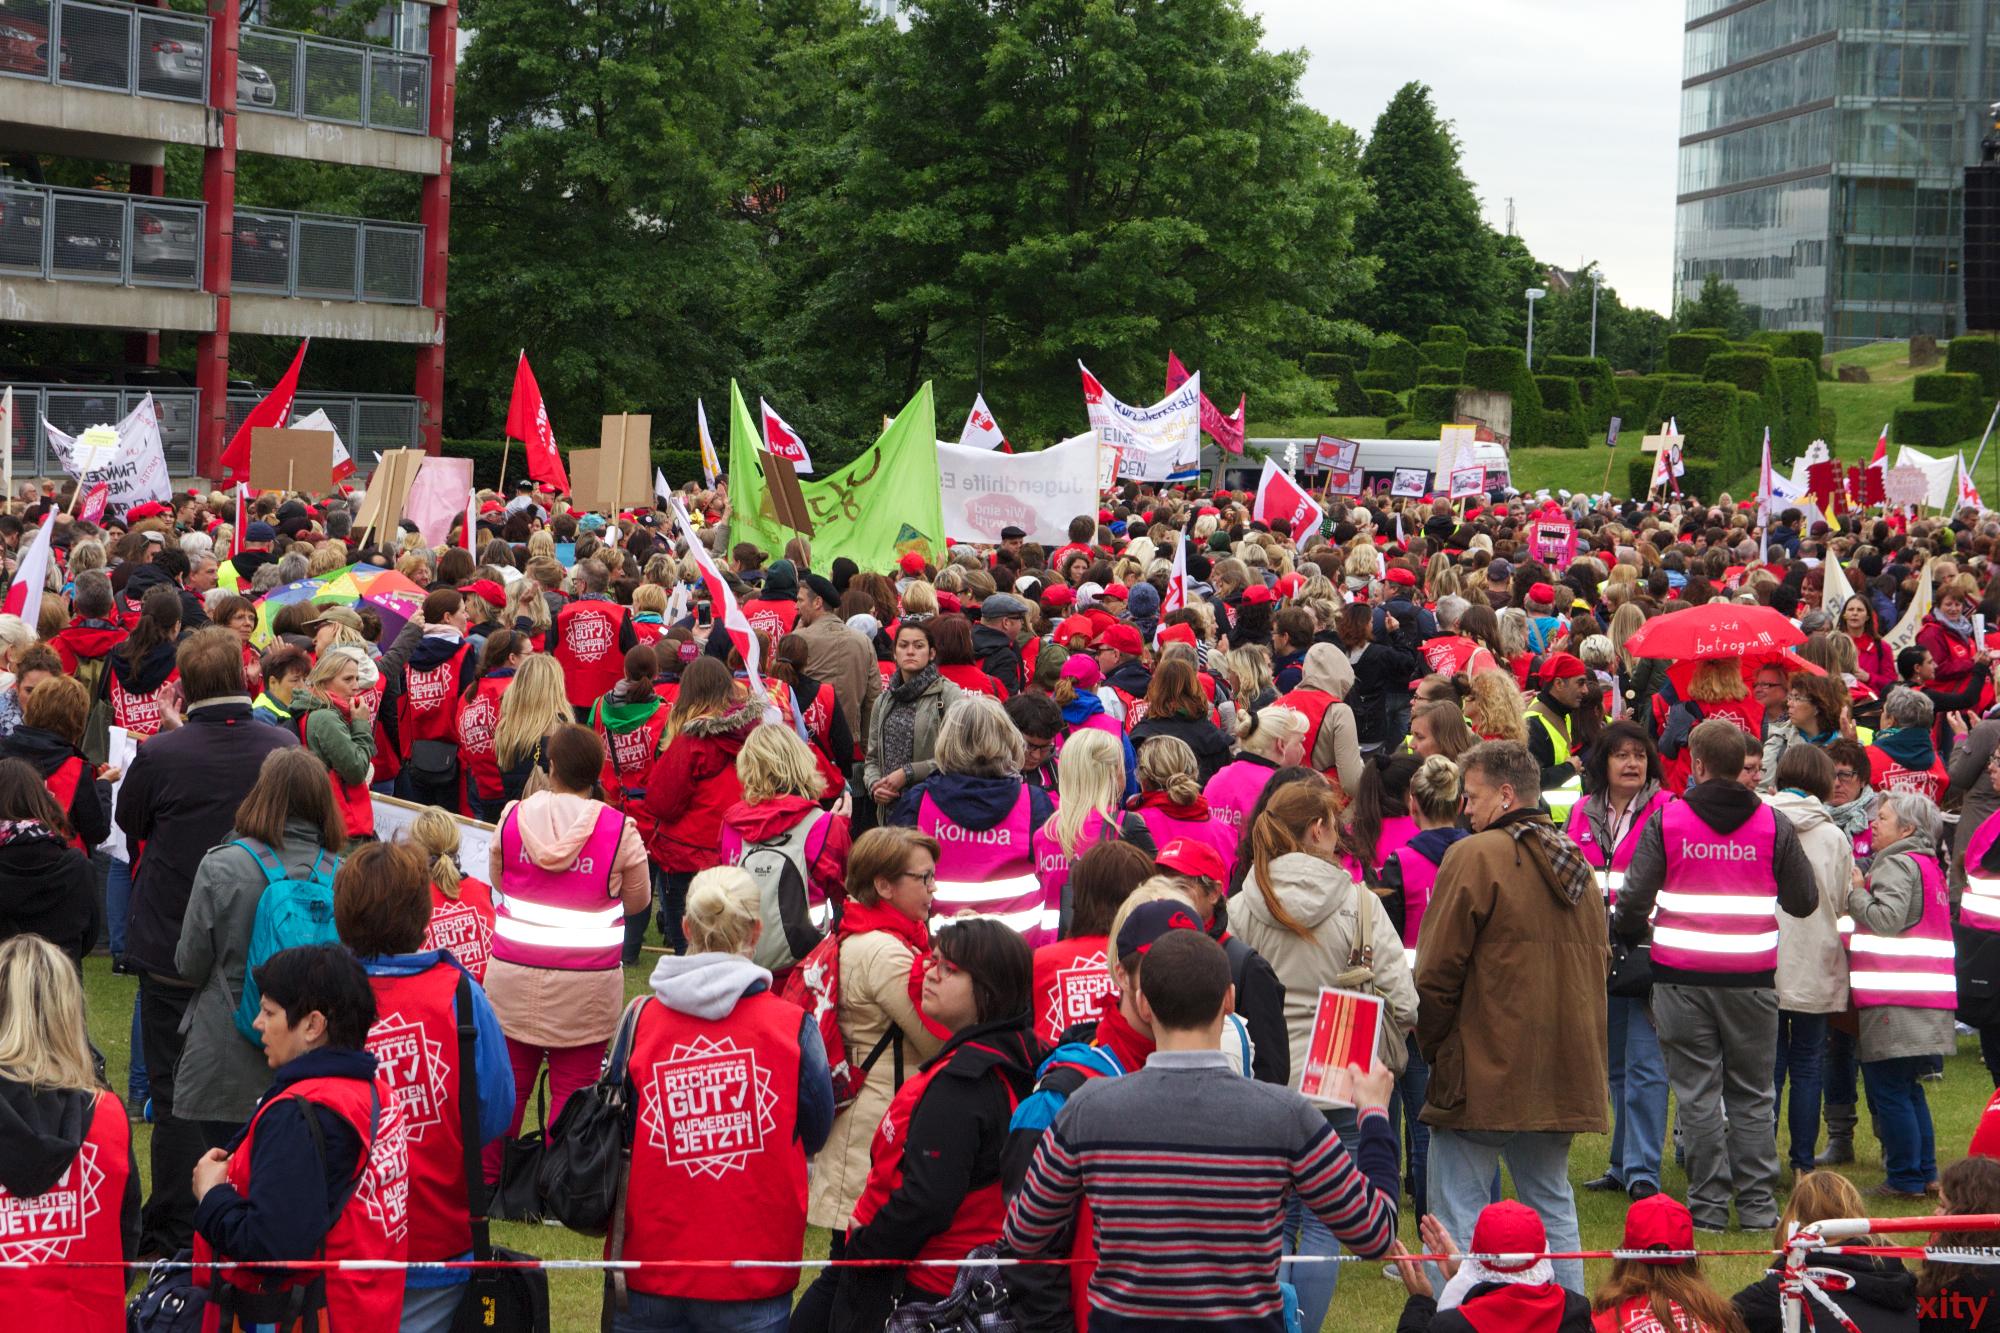 Rund 21. 000 Teilnehmer versammelten sich vor dem Düsseldorfer Landtag (Foto: xity)